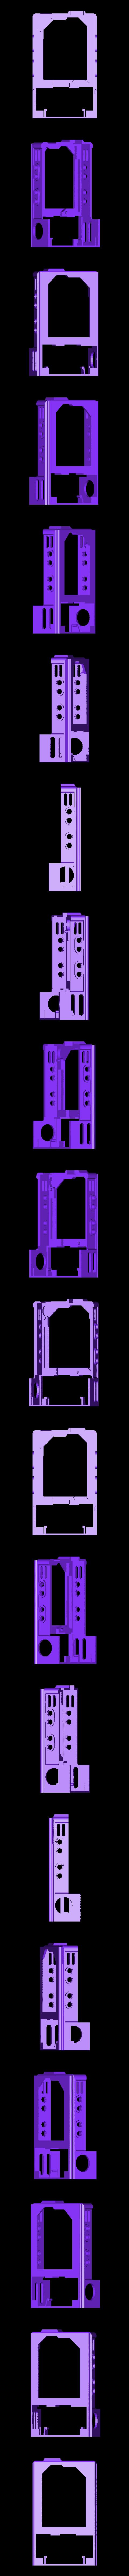 bbNightLBasePLXPIR.stl Télécharger fichier STL gratuit badBrick - Lumière nocturne à détection de mouvement, kit complet de coque 3D. • Plan à imprimer en 3D, Lassaalk